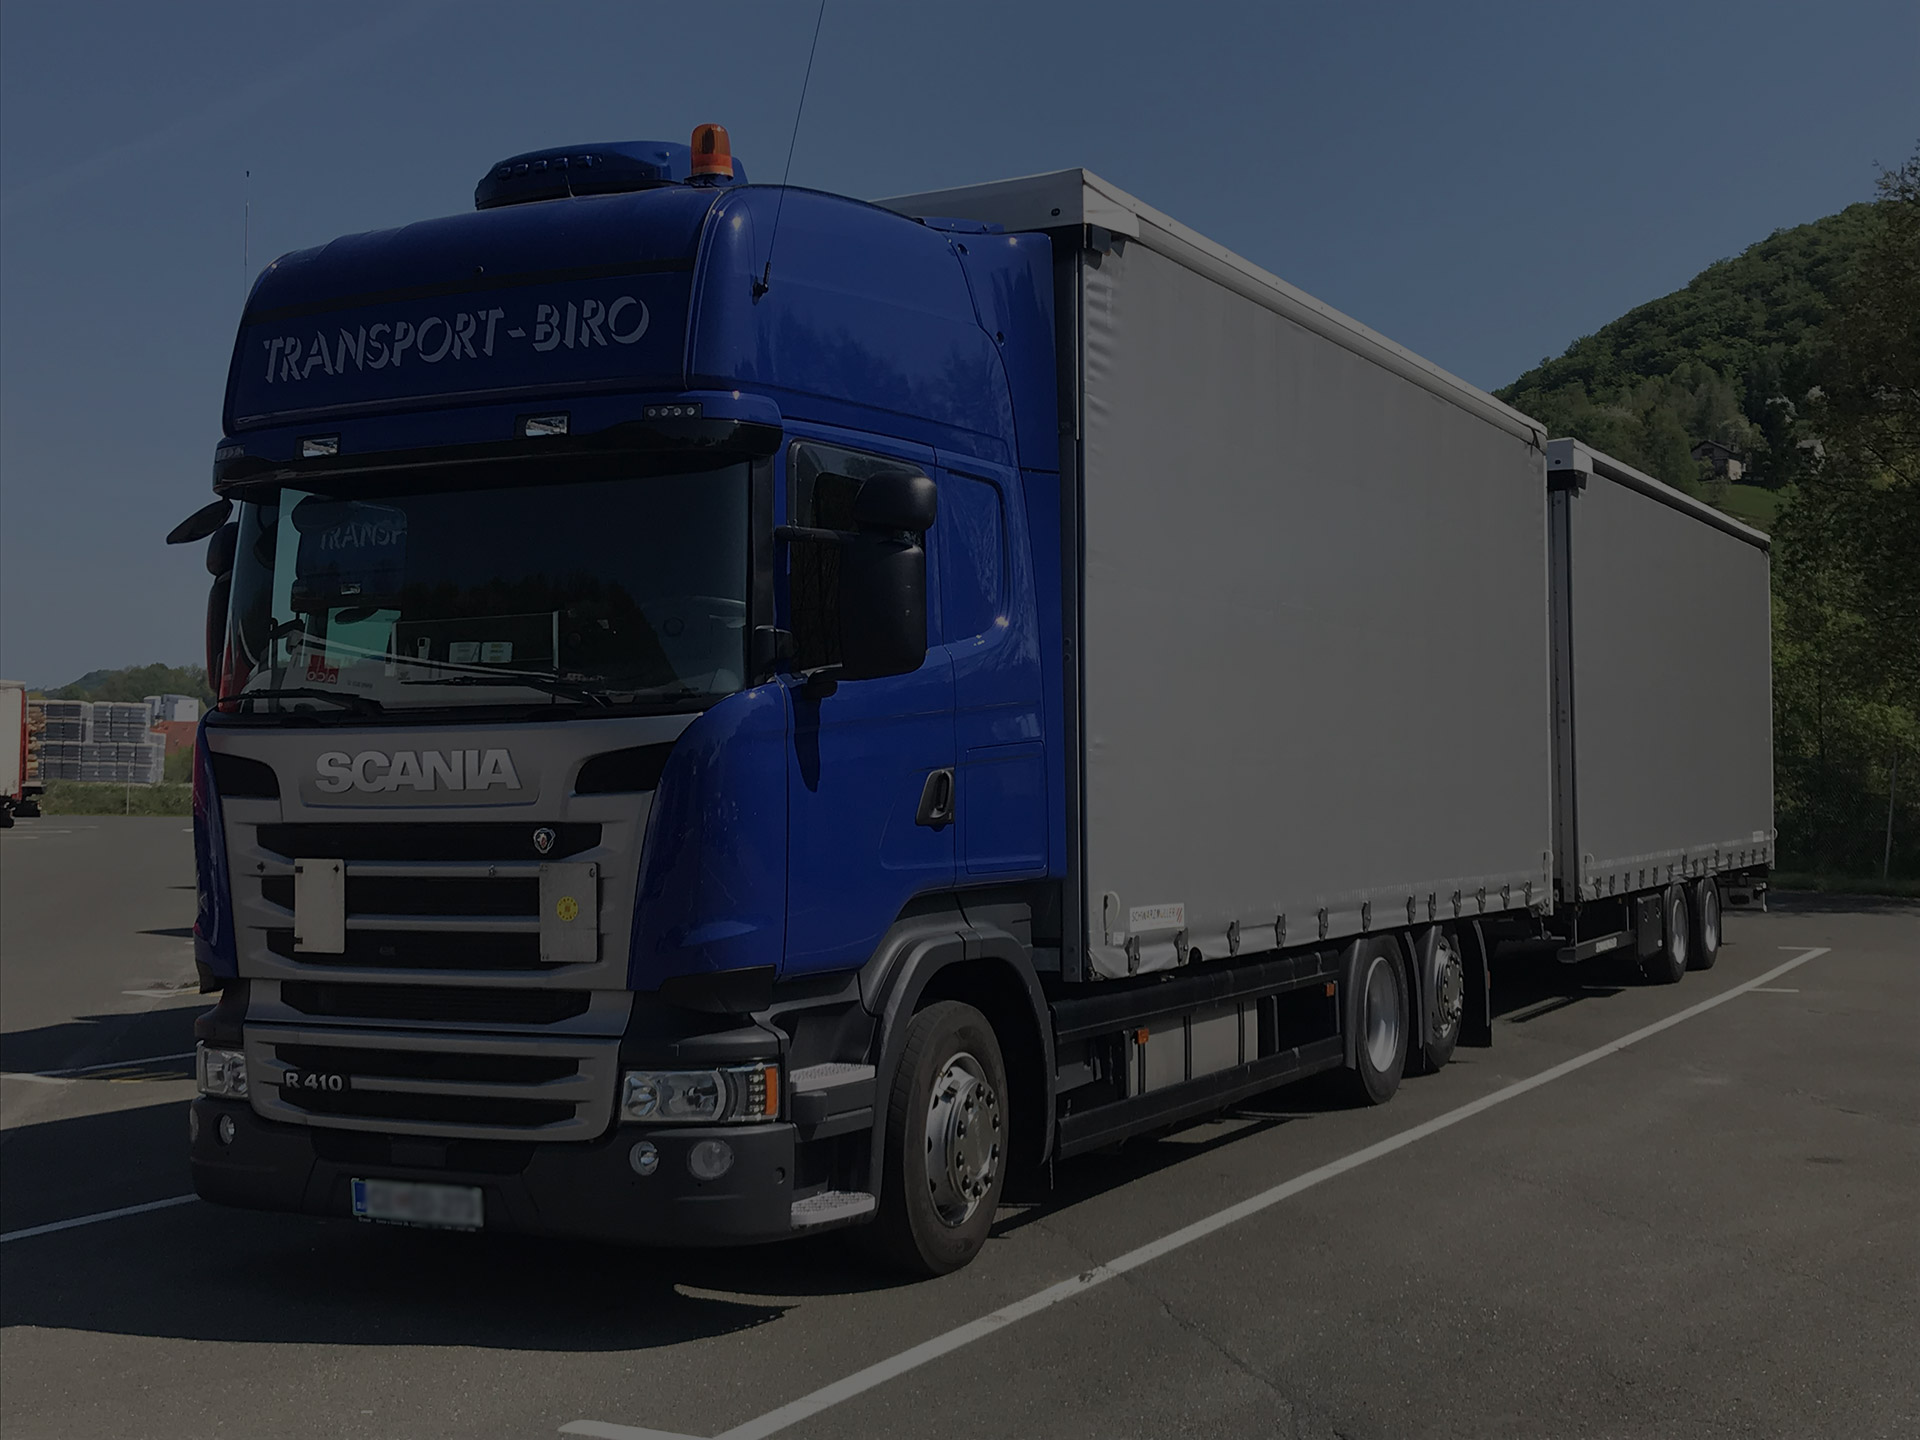 Volumenski prevozi s tandemom